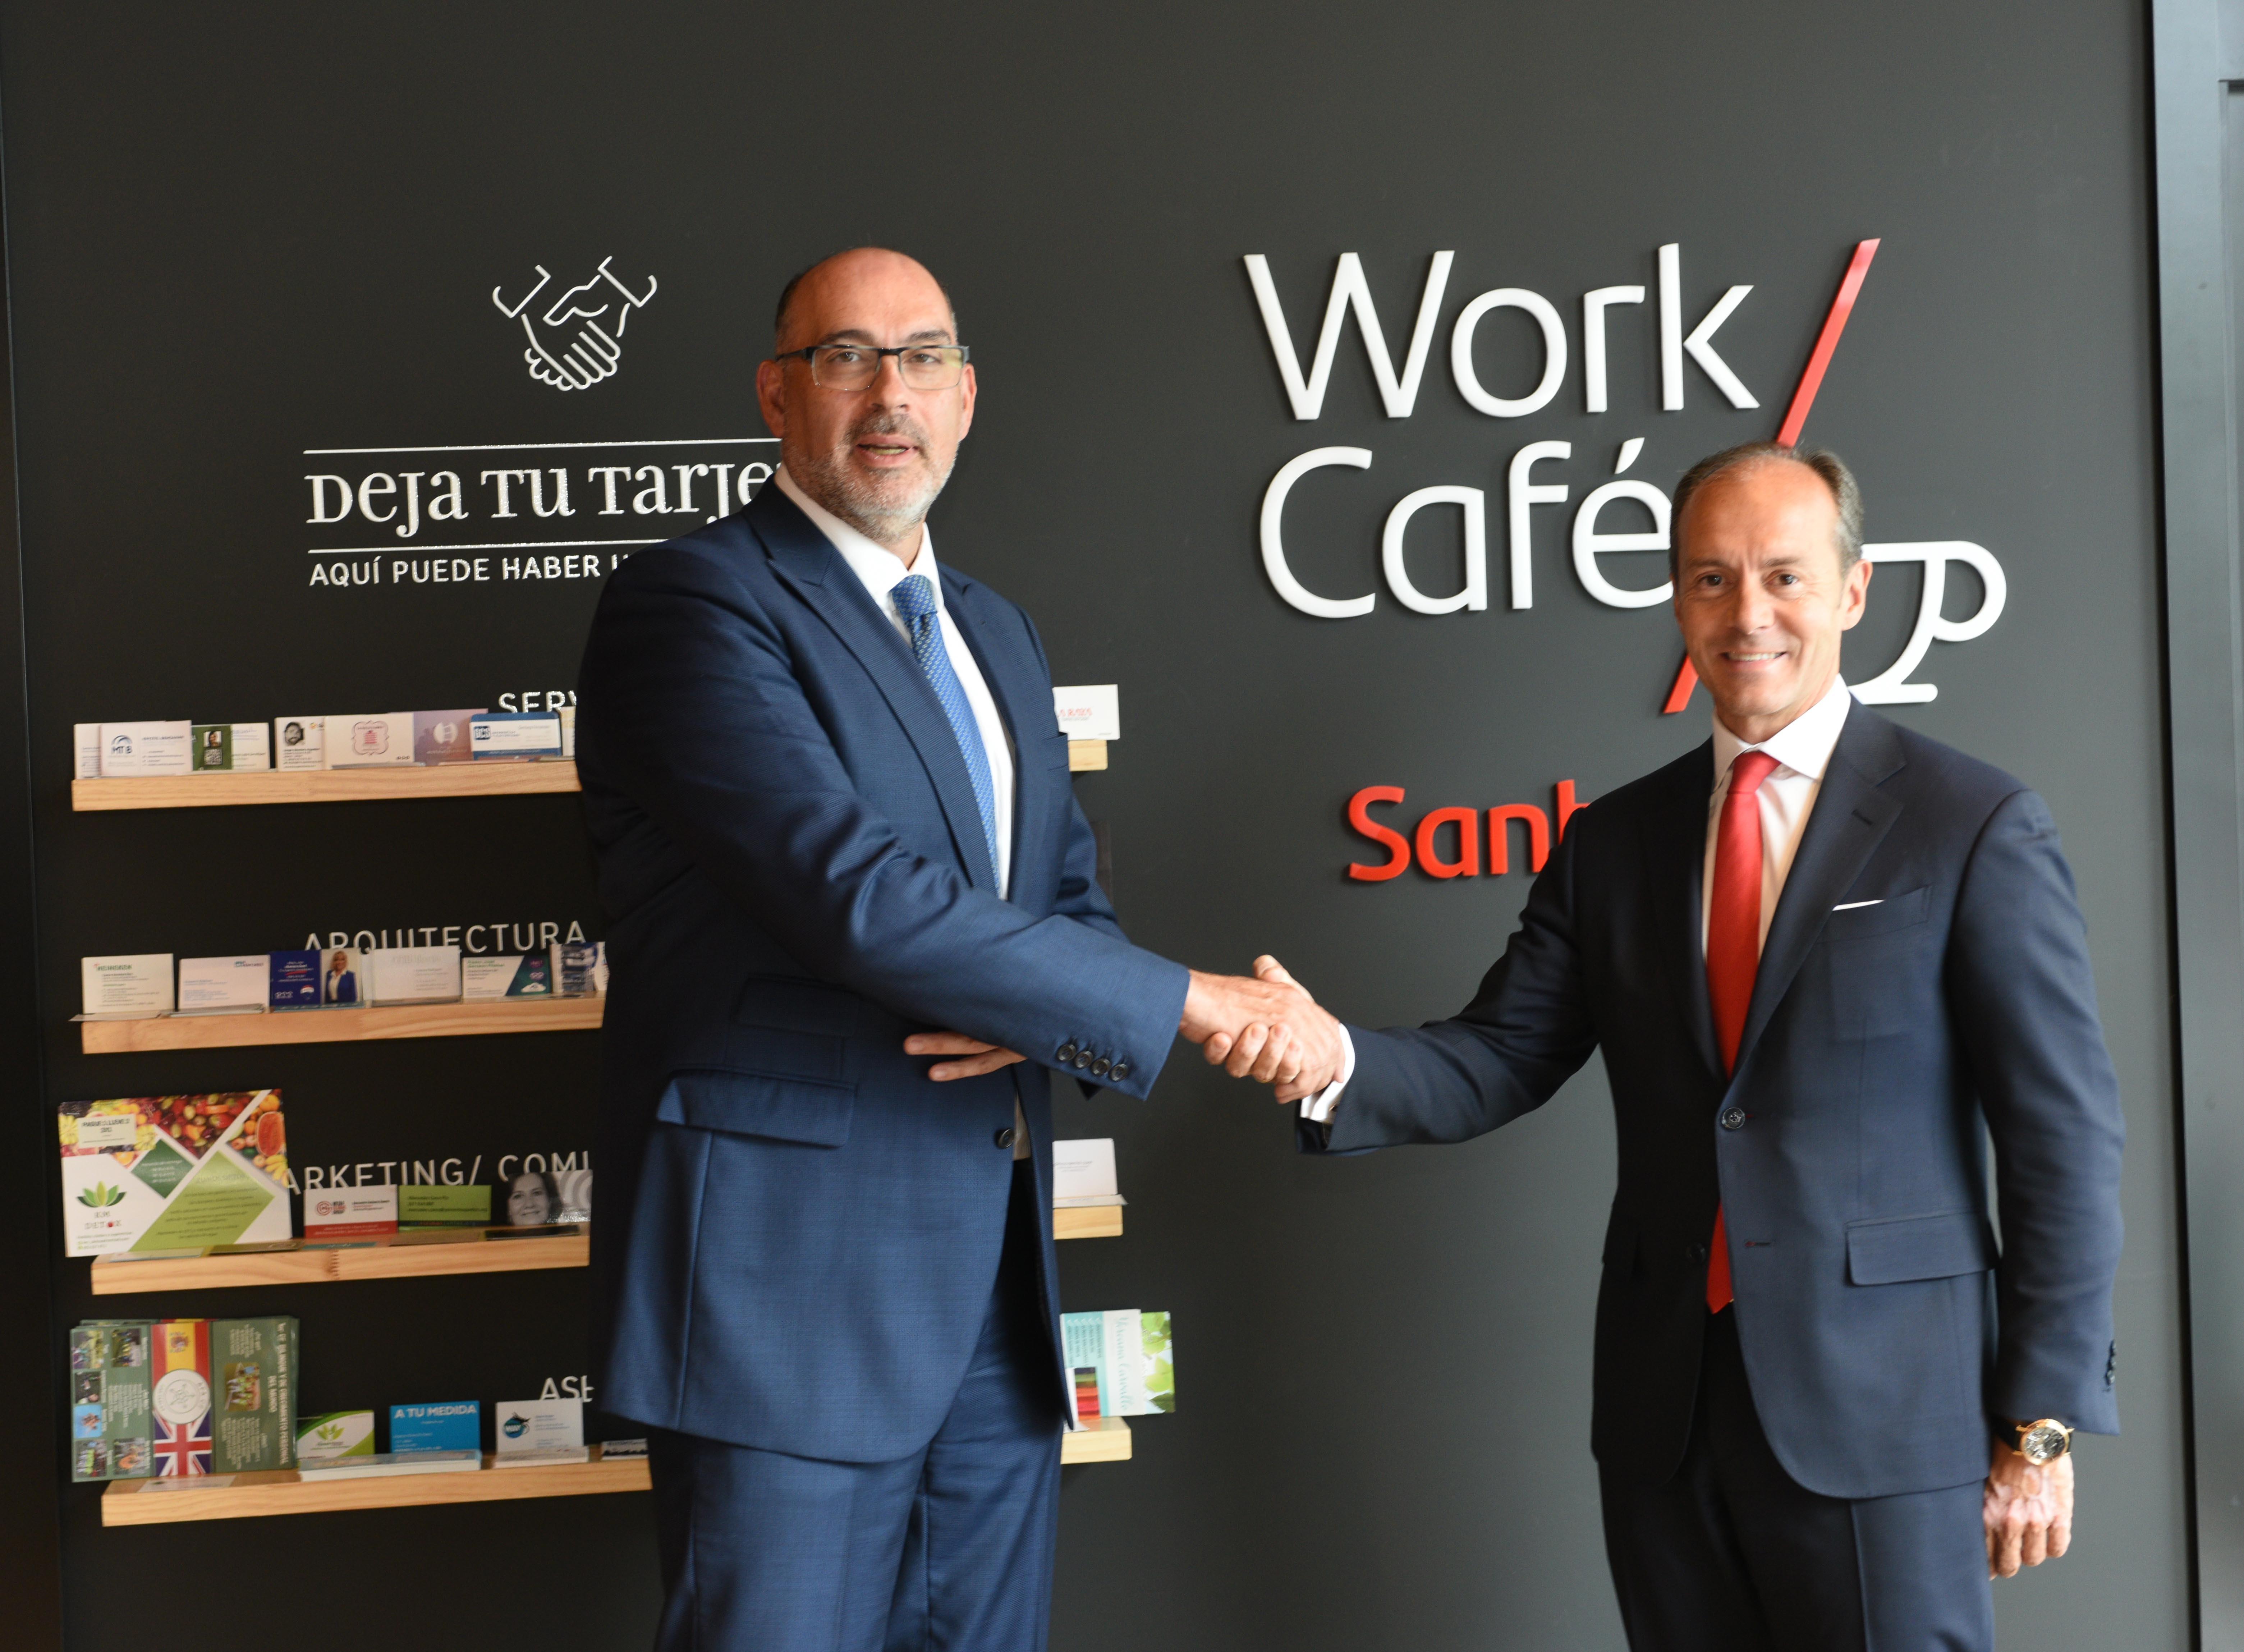 Acuerdo Banco Santander  y Telefonica 5G